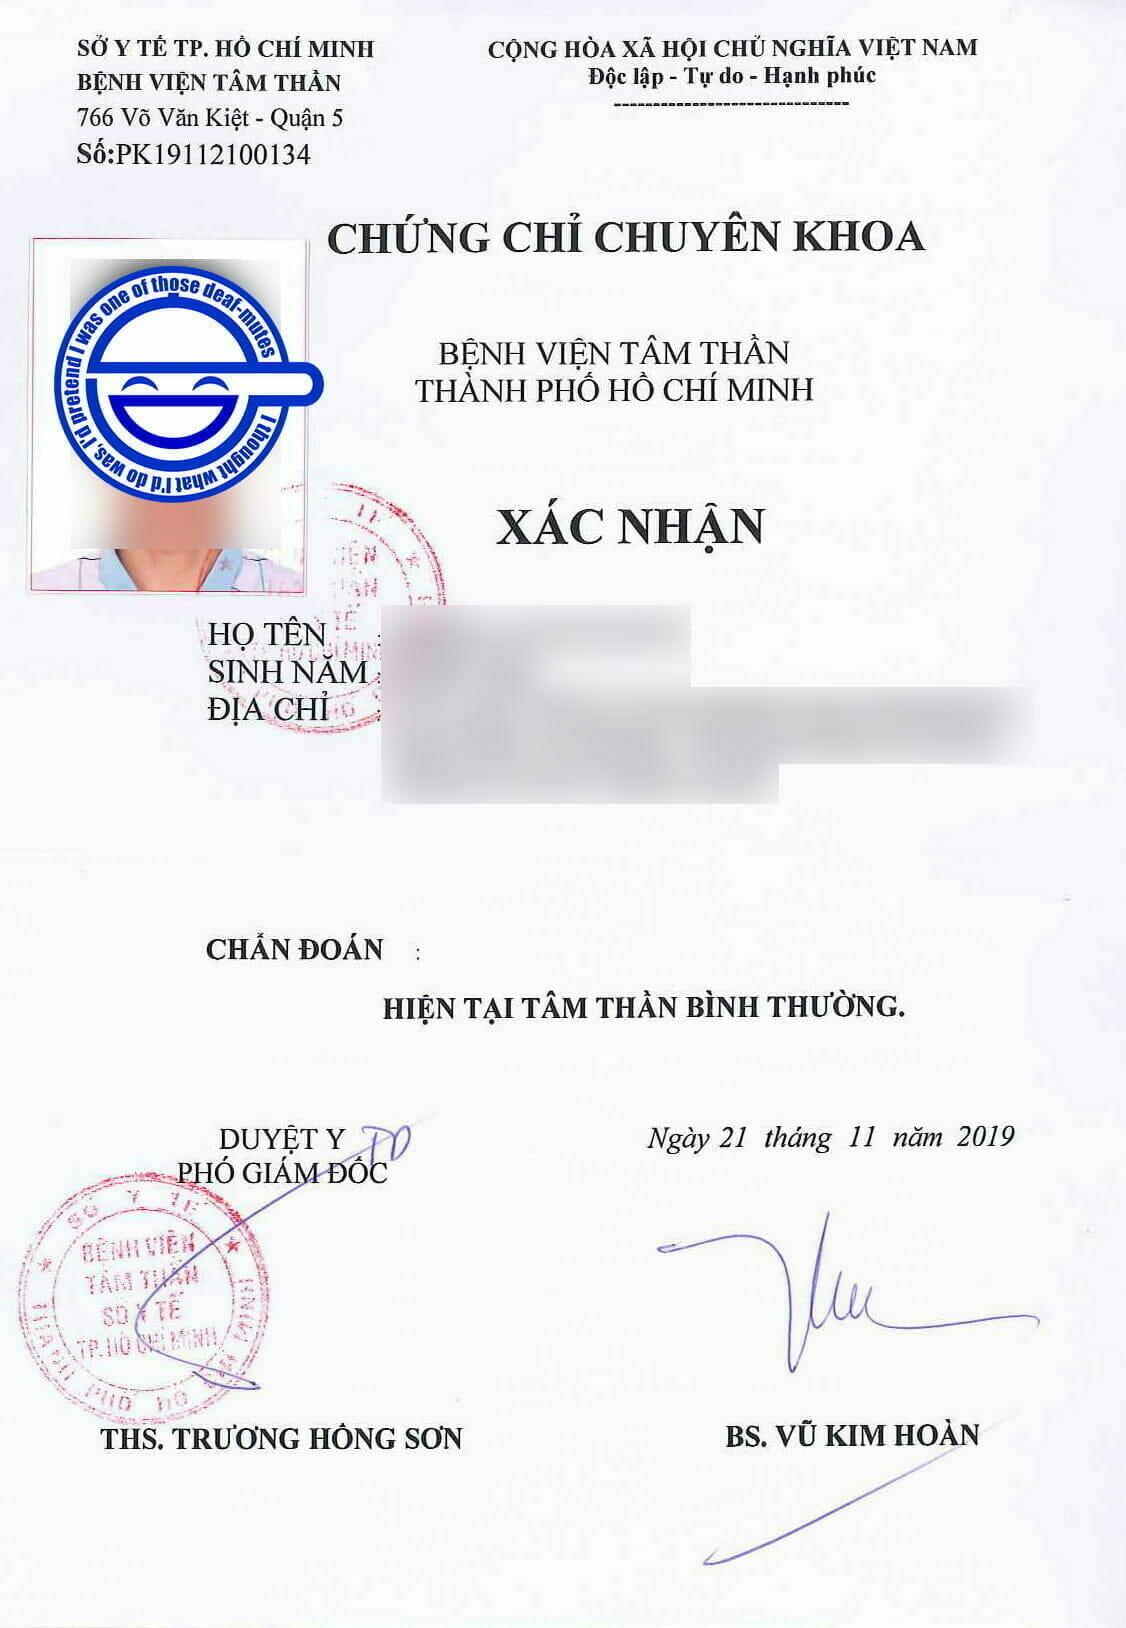 ベトナム公立総合病院の健康診断書